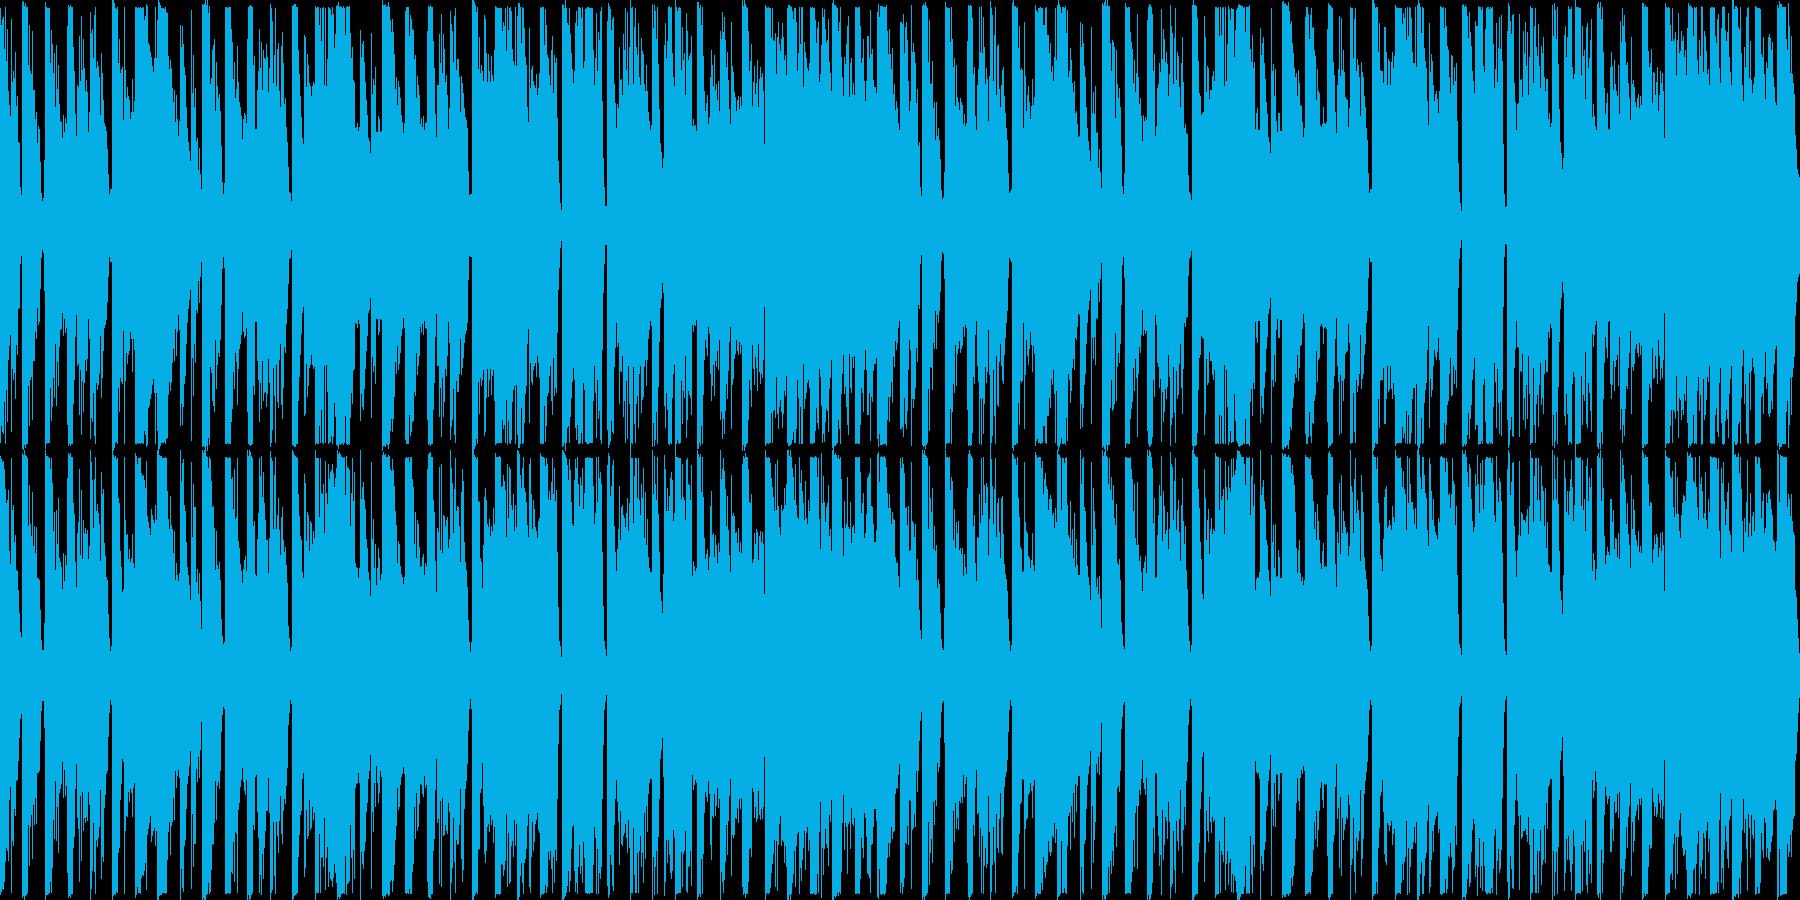 【ループ】レース1位通過のリザルトBGMの再生済みの波形